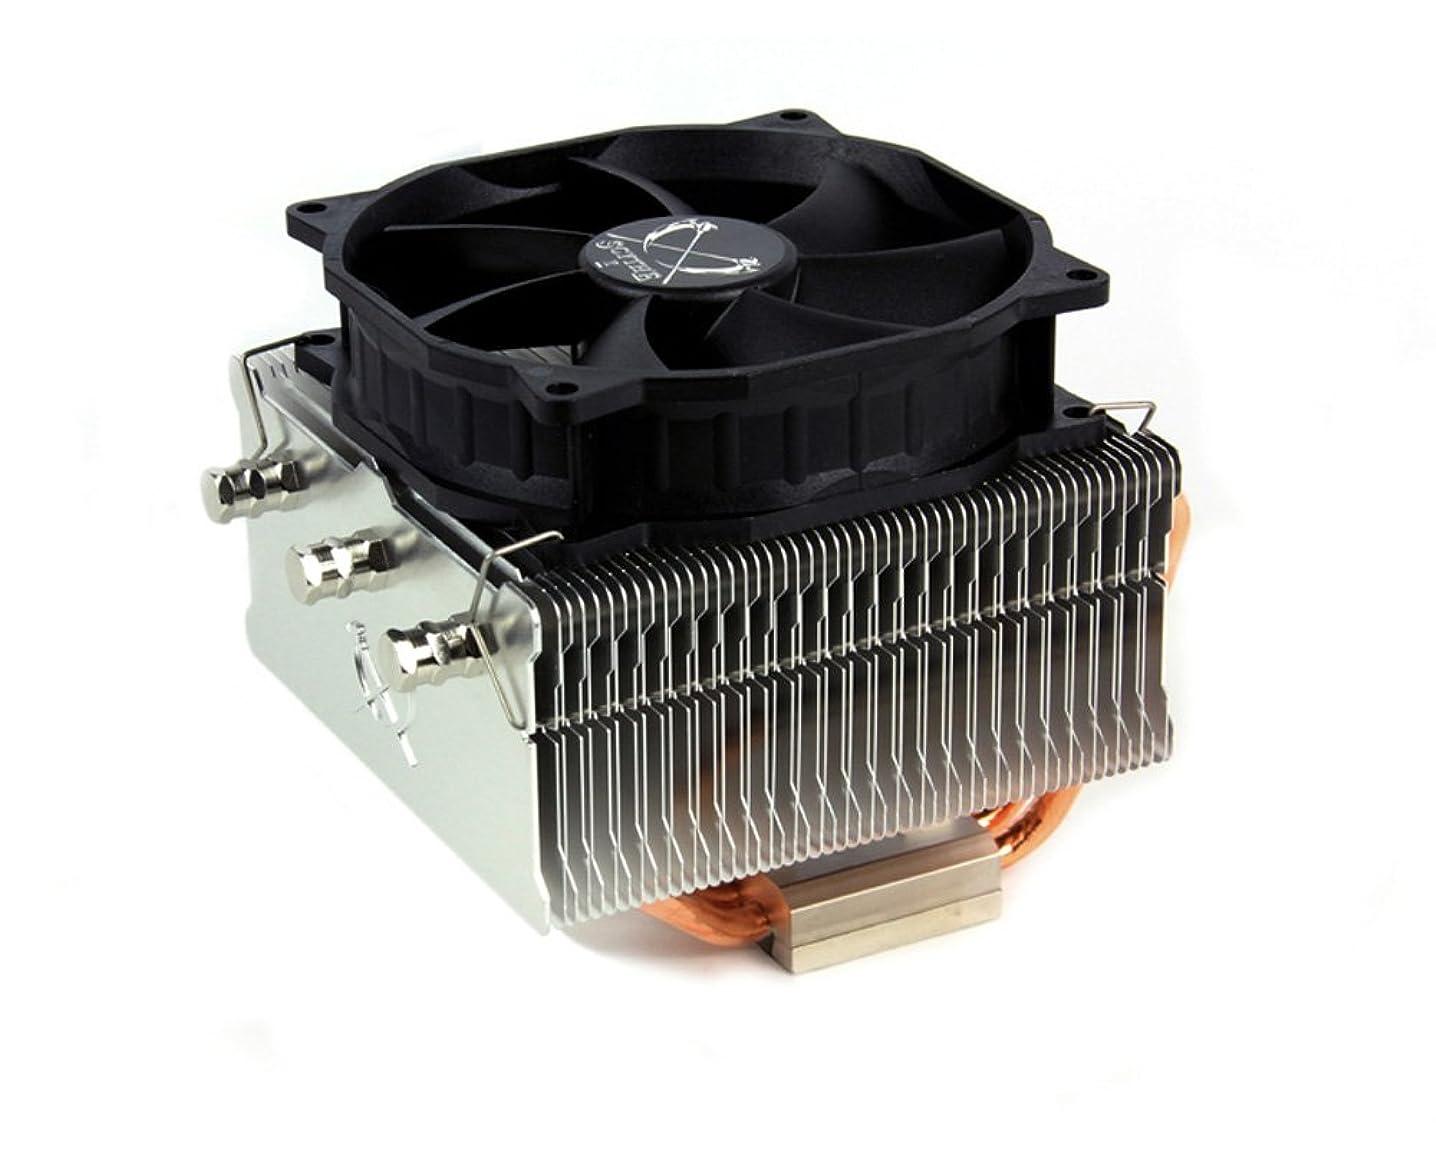 Scythe IORI Intel/AMD CPU Cooler SCIOR-1000